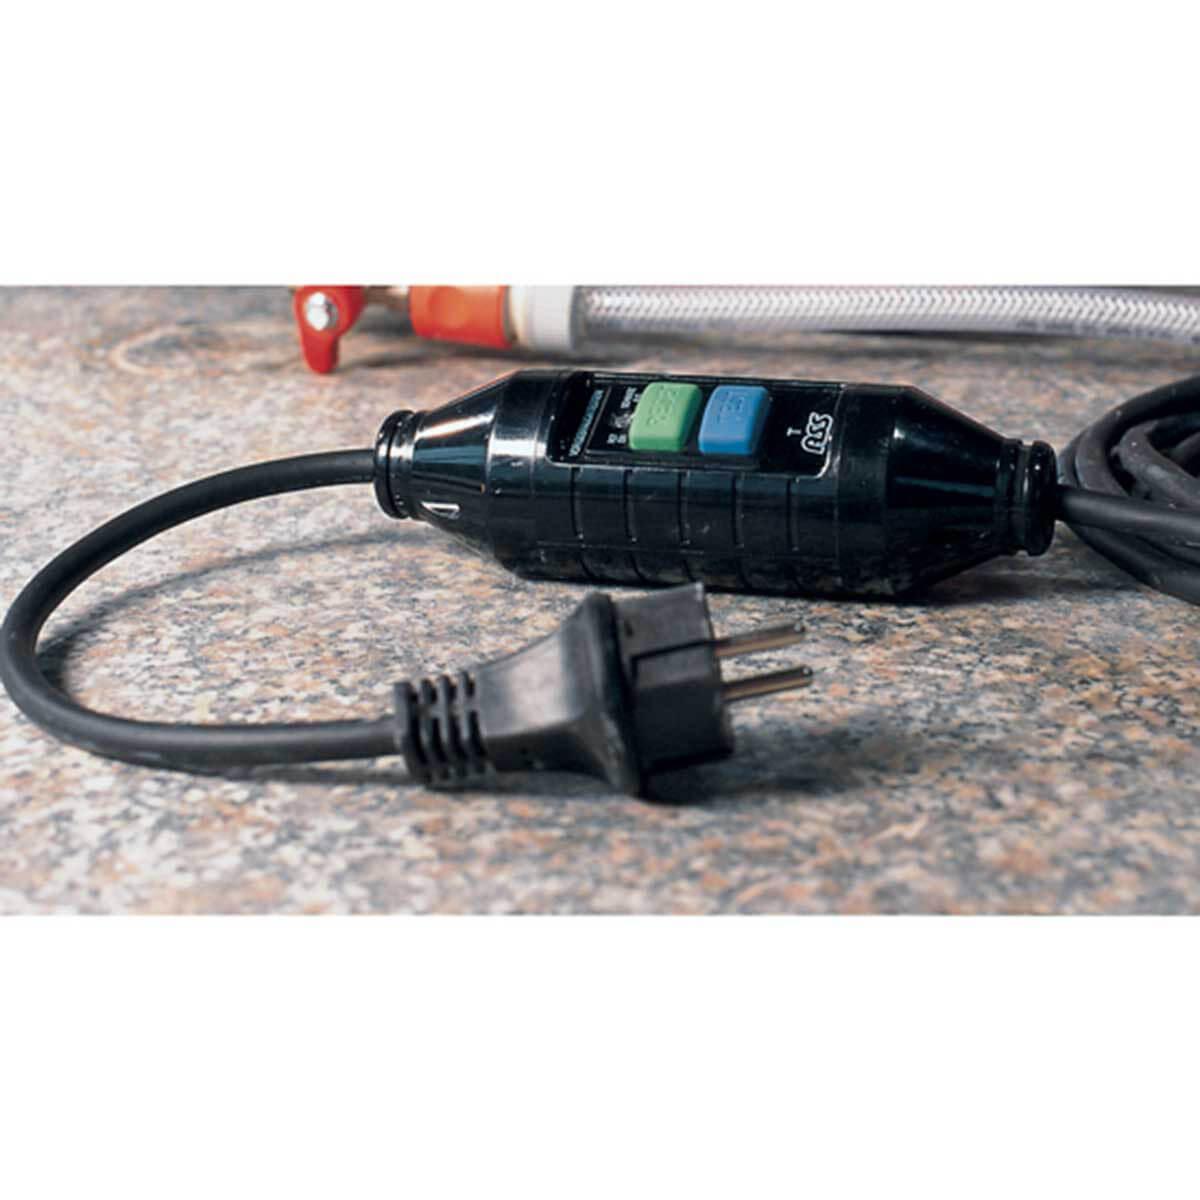 LW1503 Flex polisher gfci plug